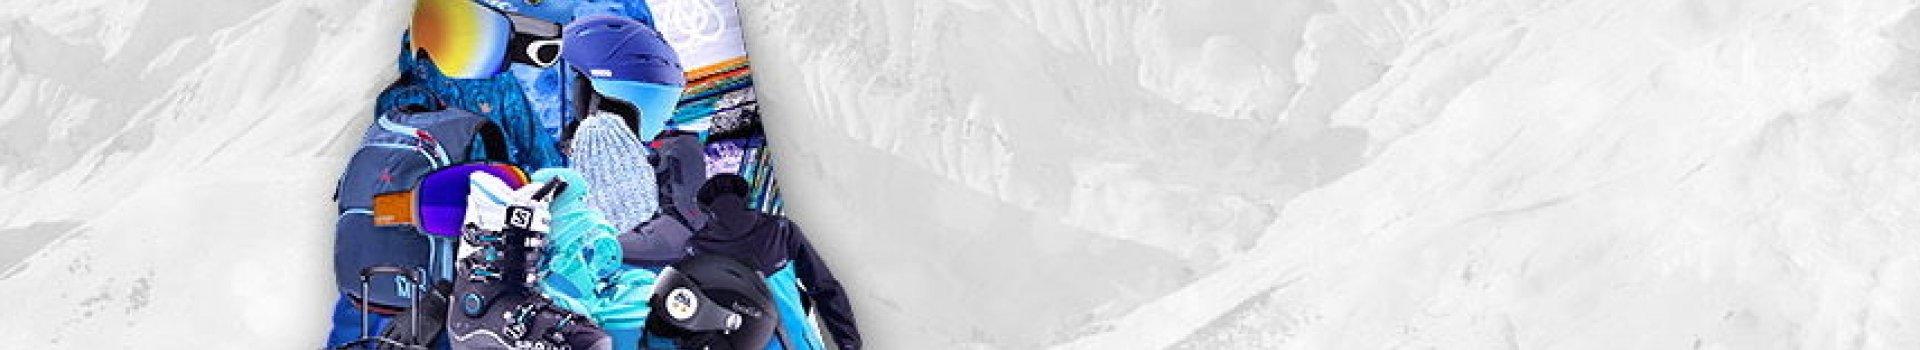 Świąteczny prezent dla narciarza lub snowboardzisty